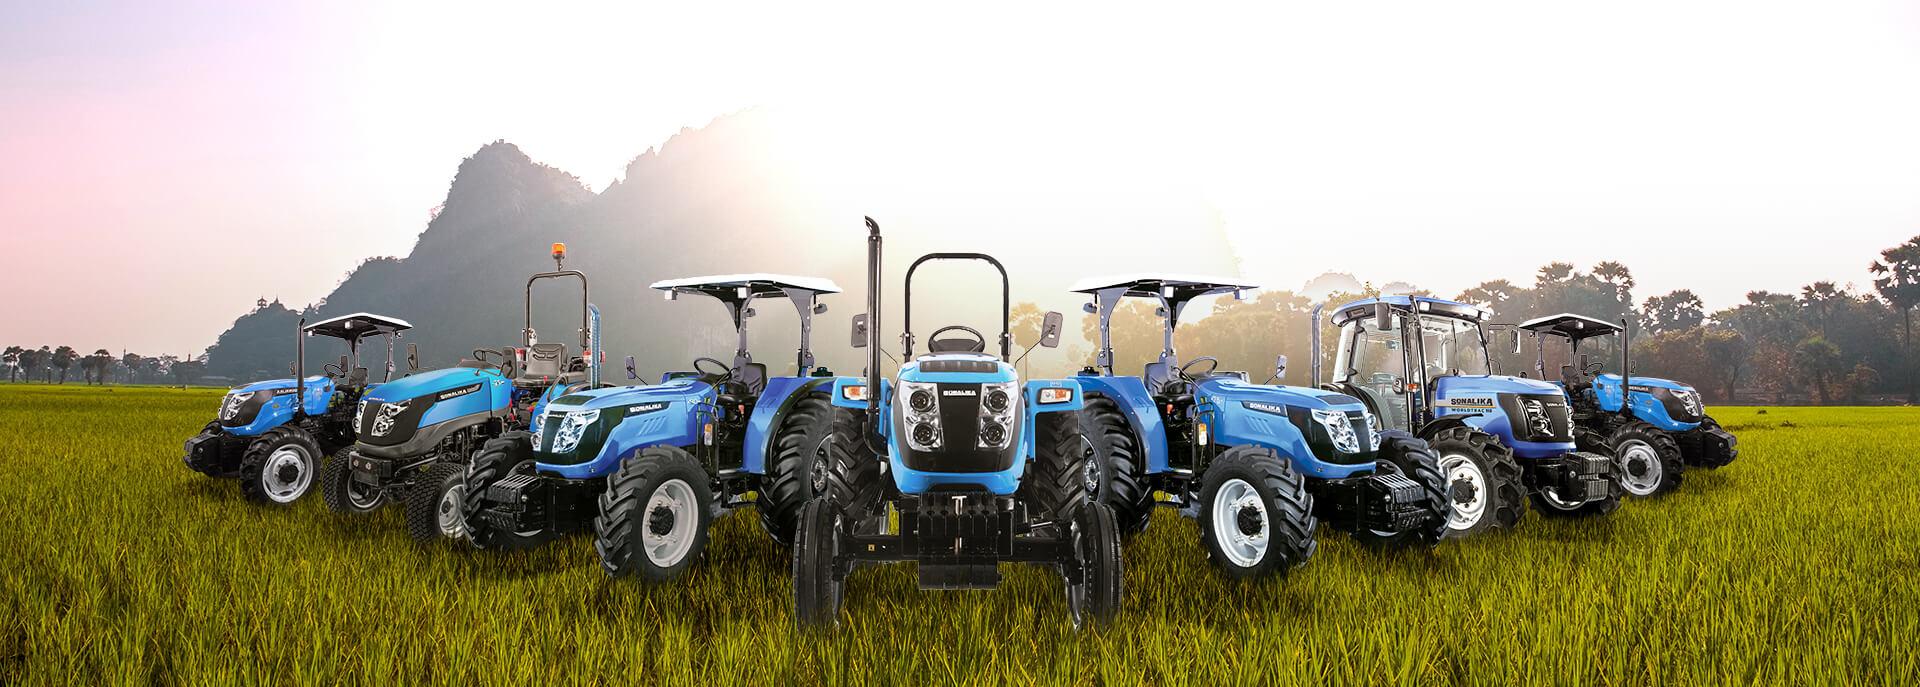 Sonalika tractors range